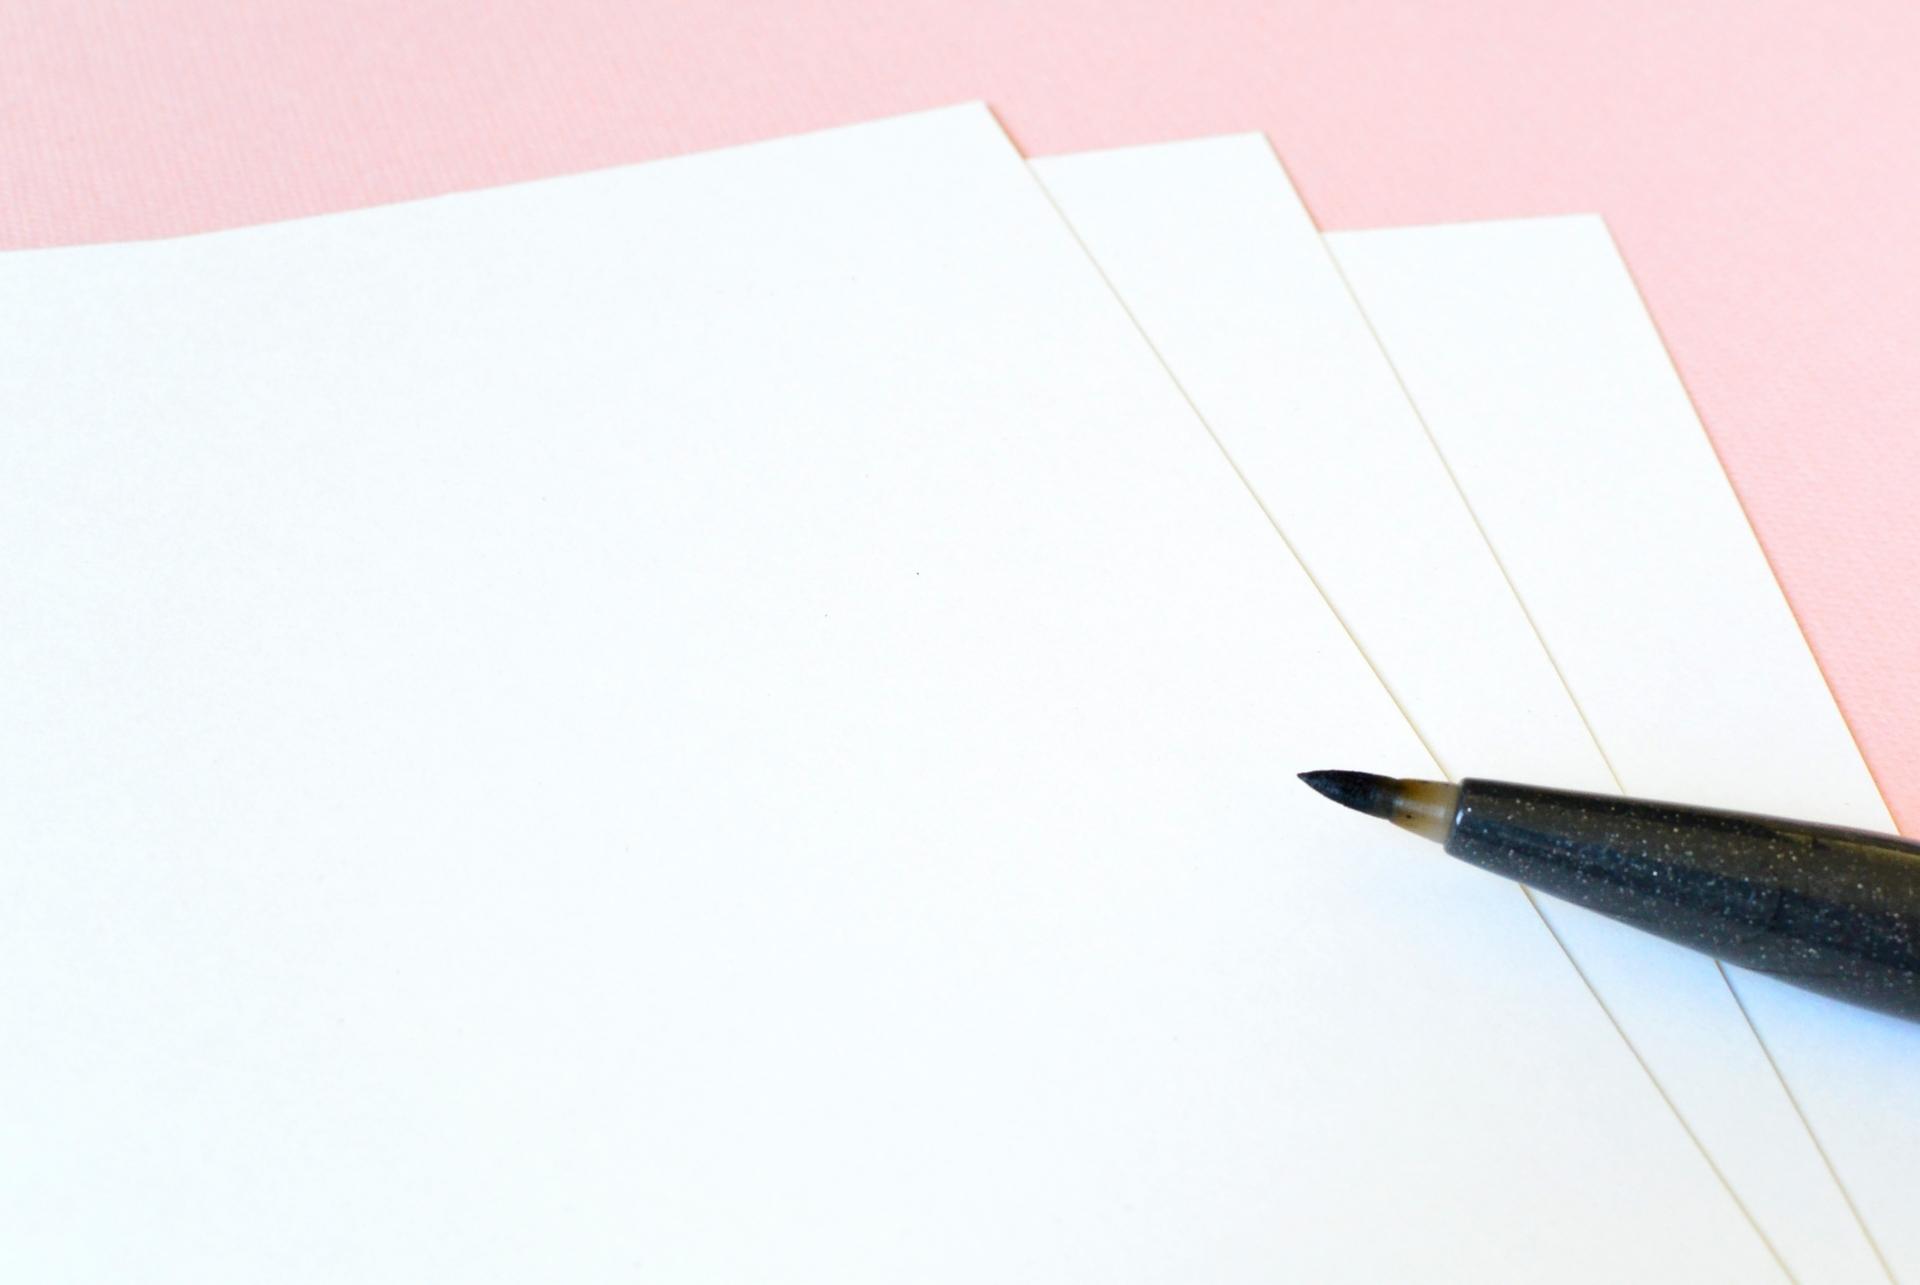 手書きハガキのお礼状や季節のご挨拶を代筆します